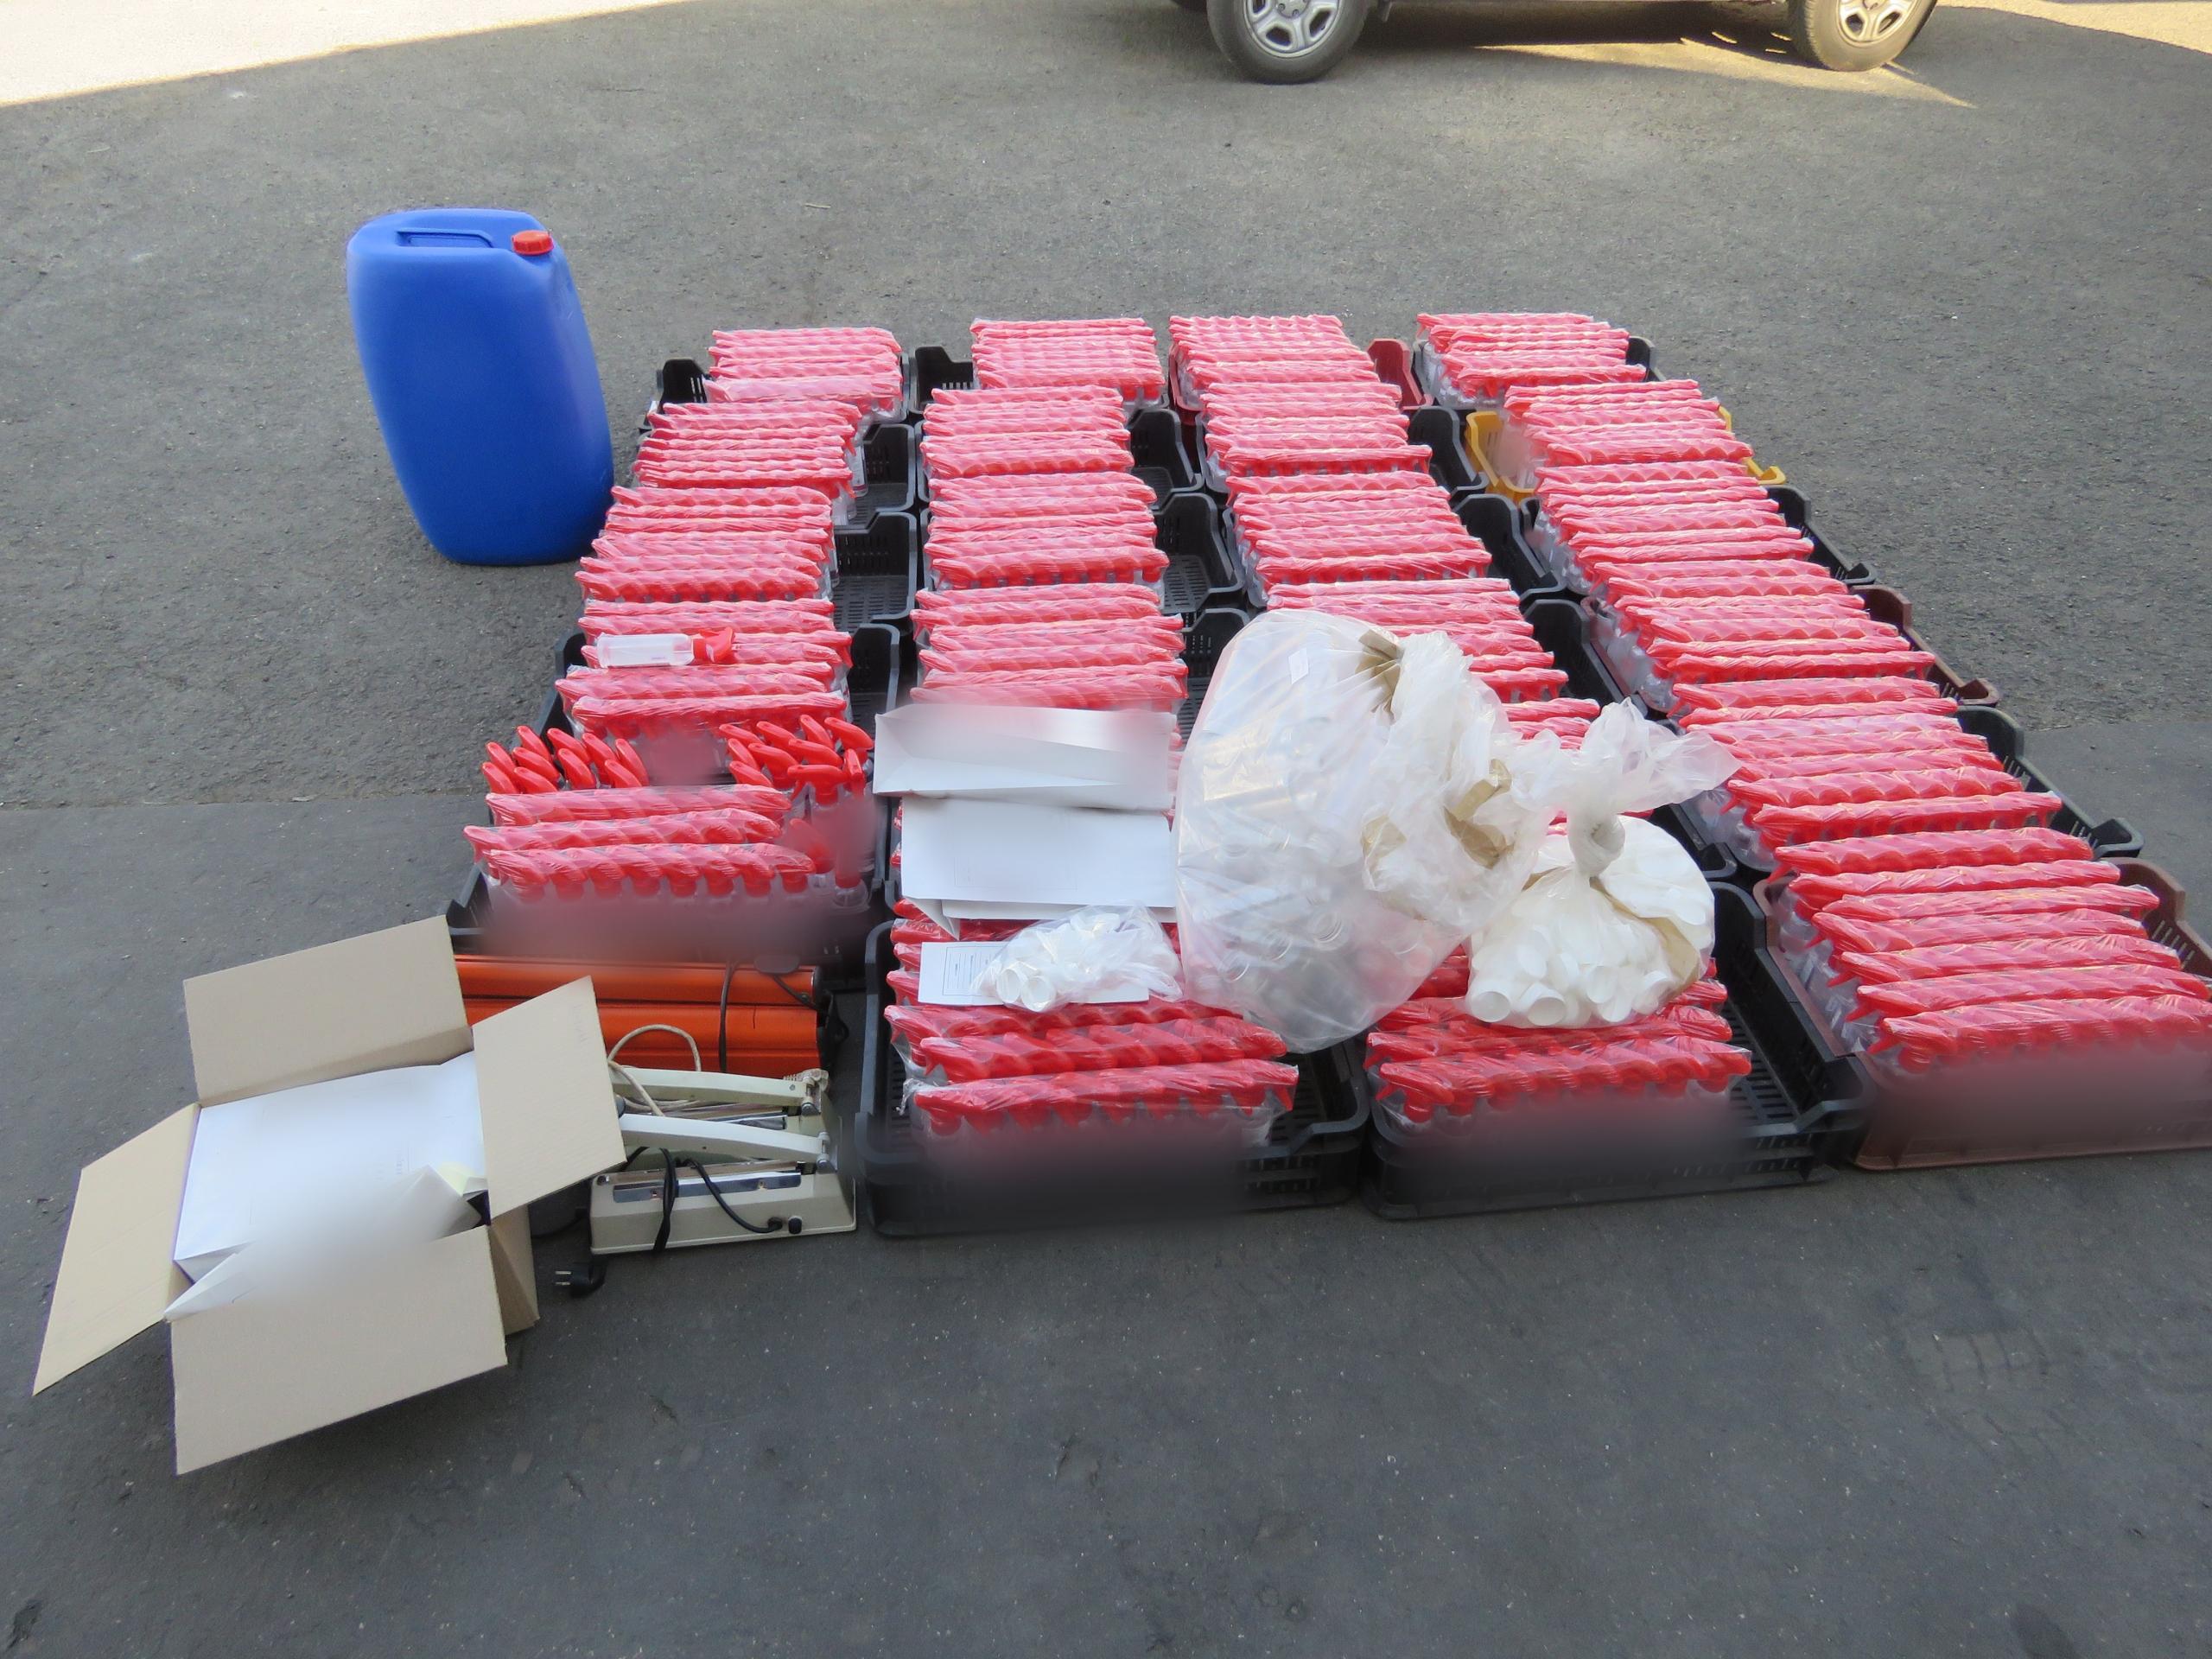 Egy hónapra letartóztatták a hamis fertőtlenítőszerrel üzletelő csalókat